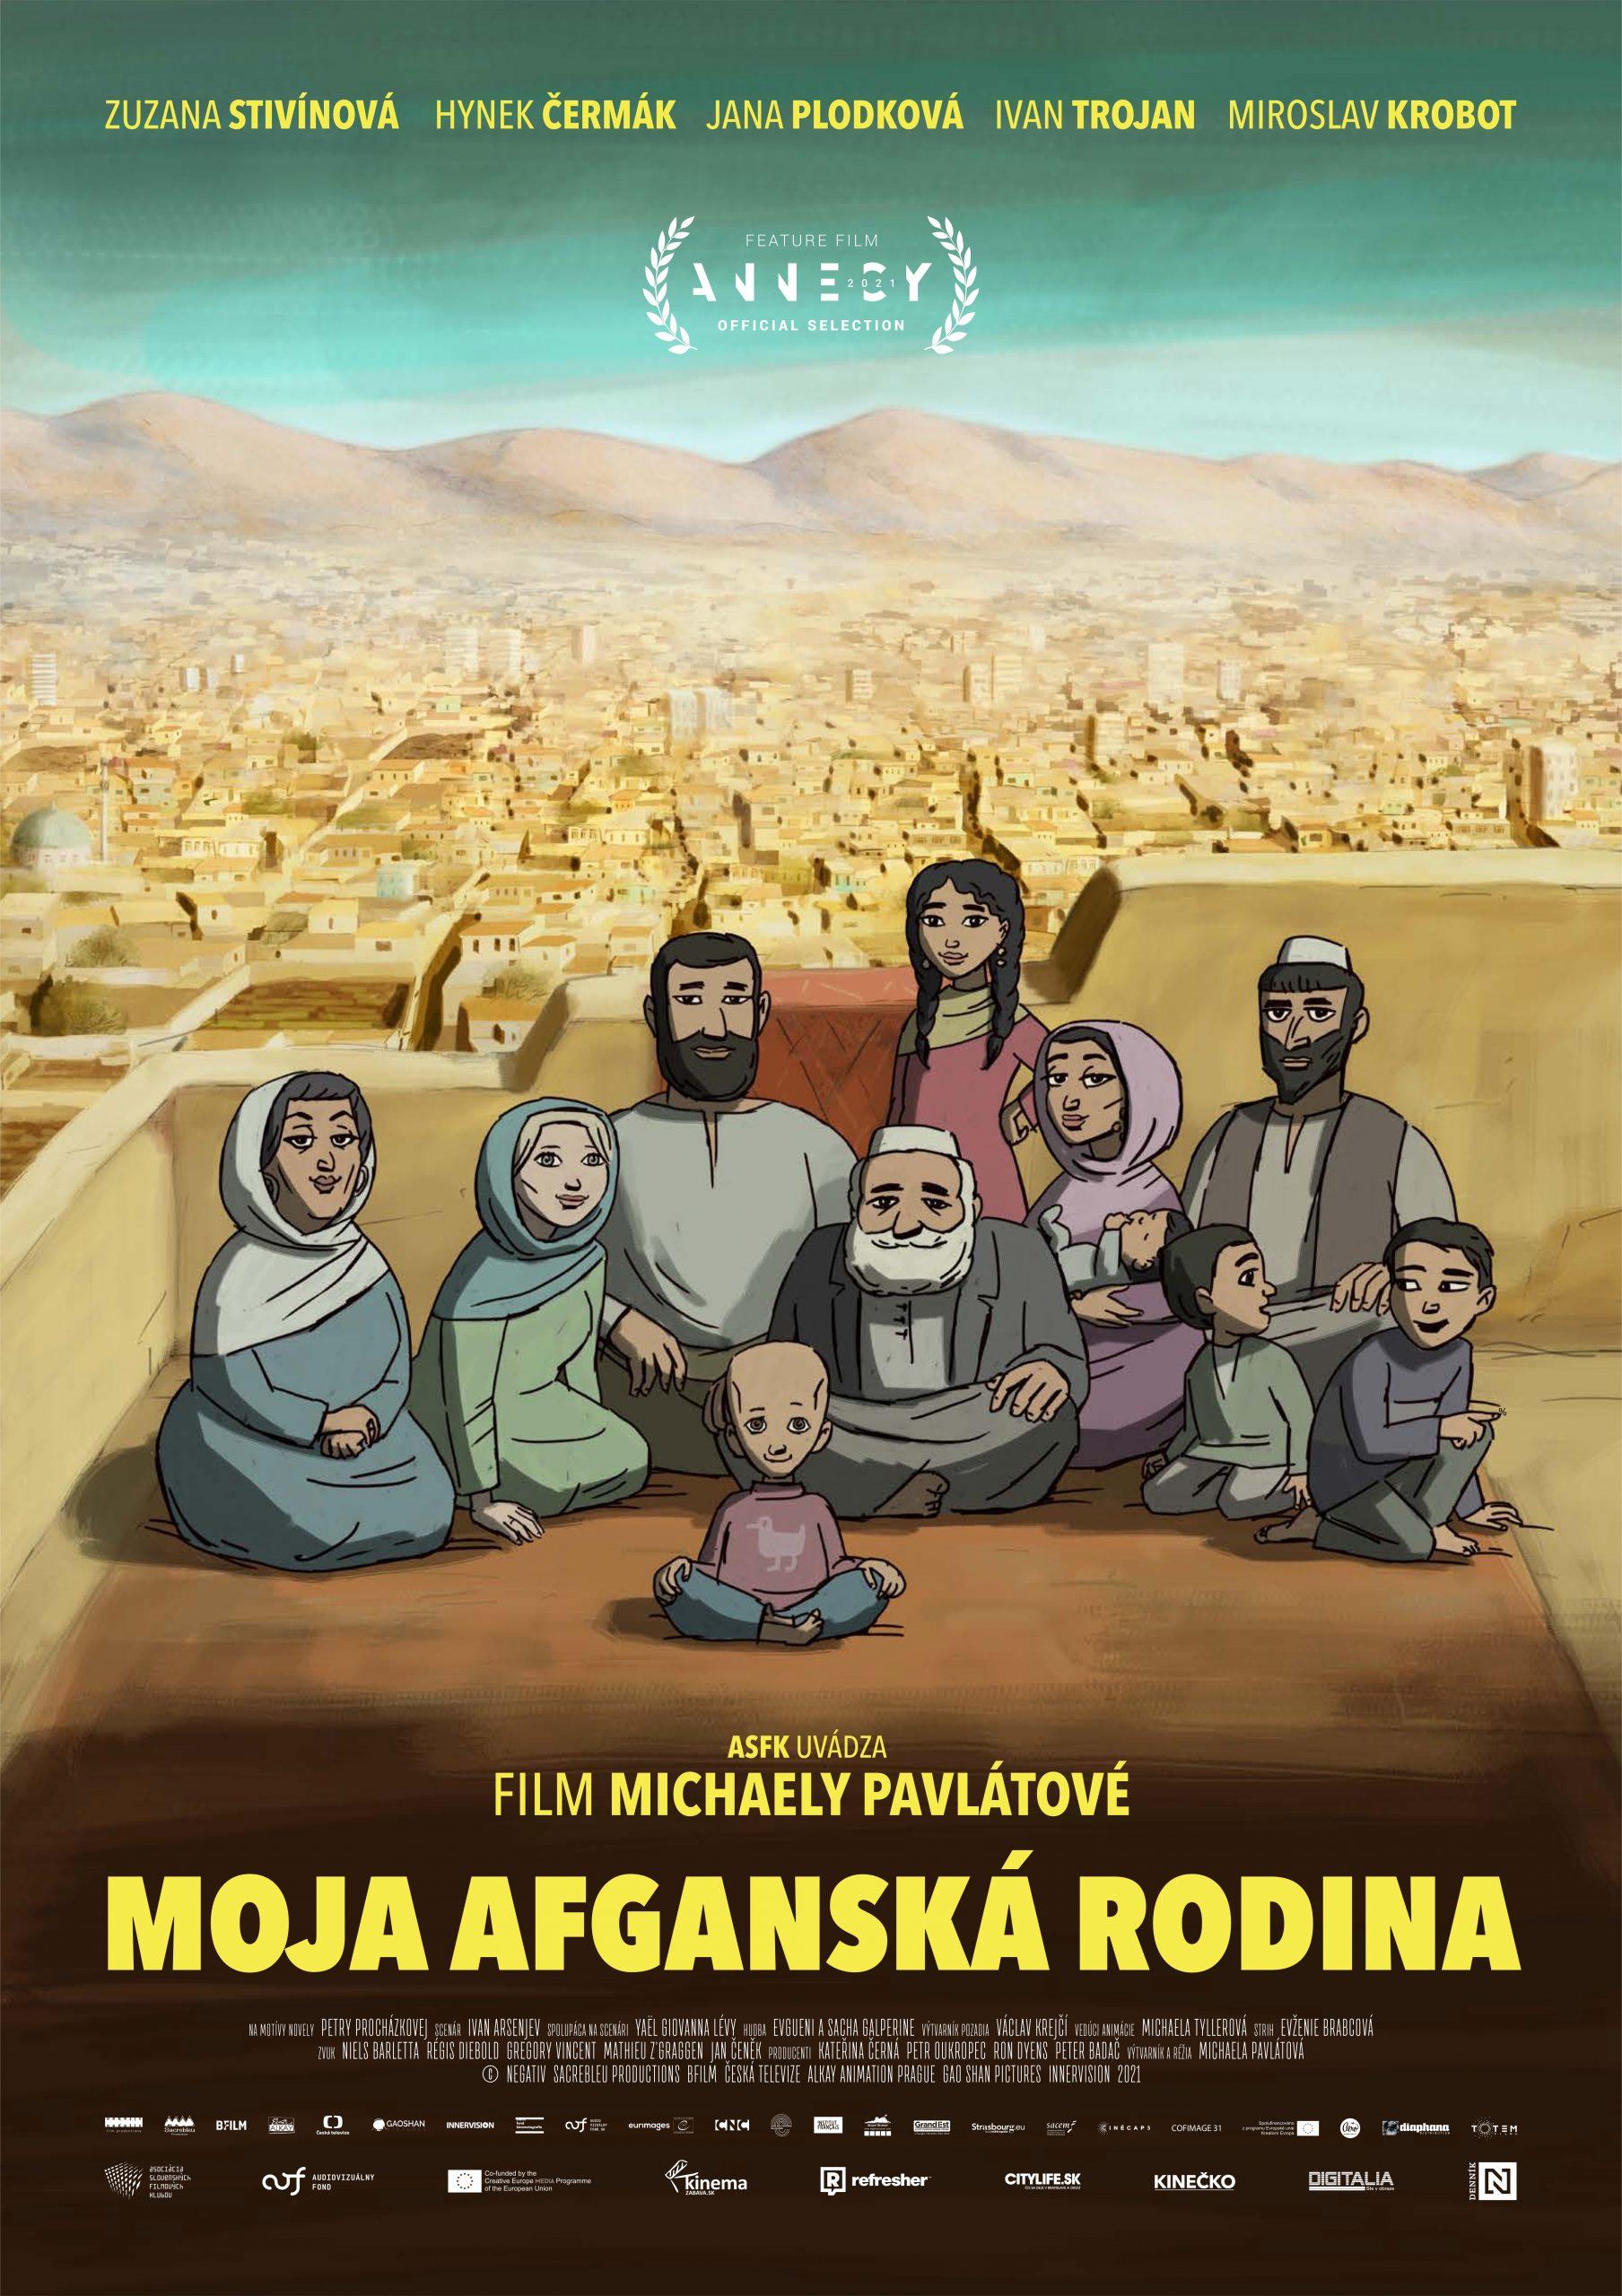 Moja_afganska_rodina_poster